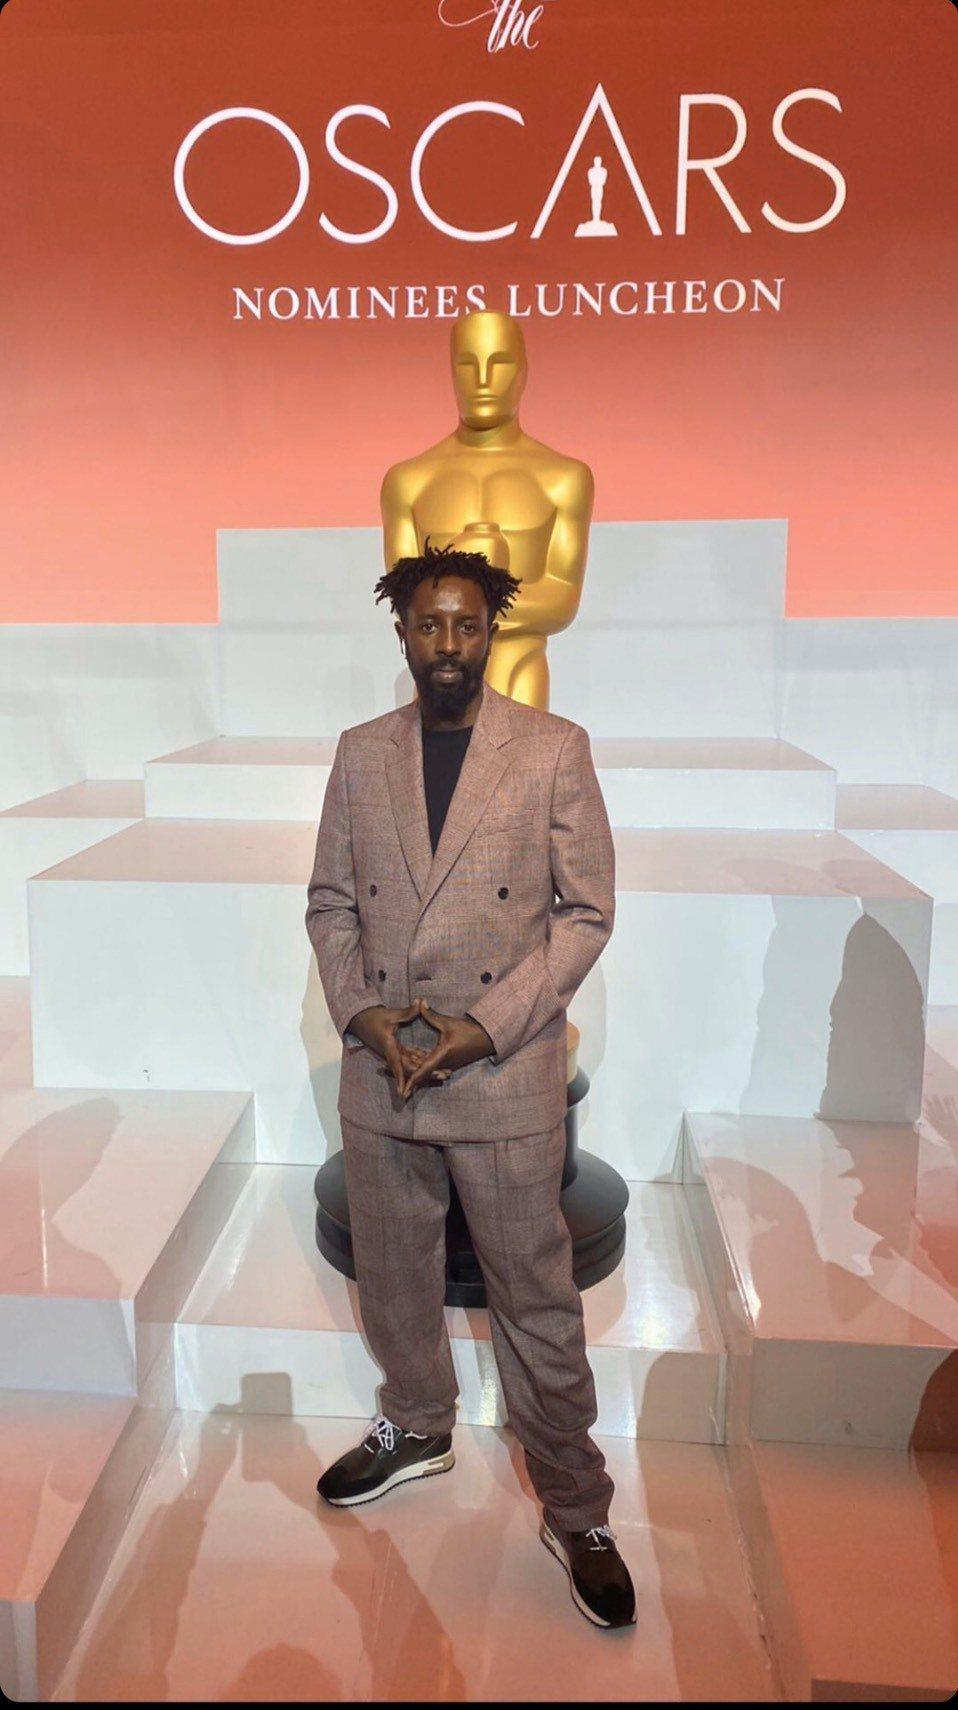 「悲慘世界」導演拉德利正在美國參加奧斯卡金像獎的各項活動,備受推崇。圖/海鵬提供